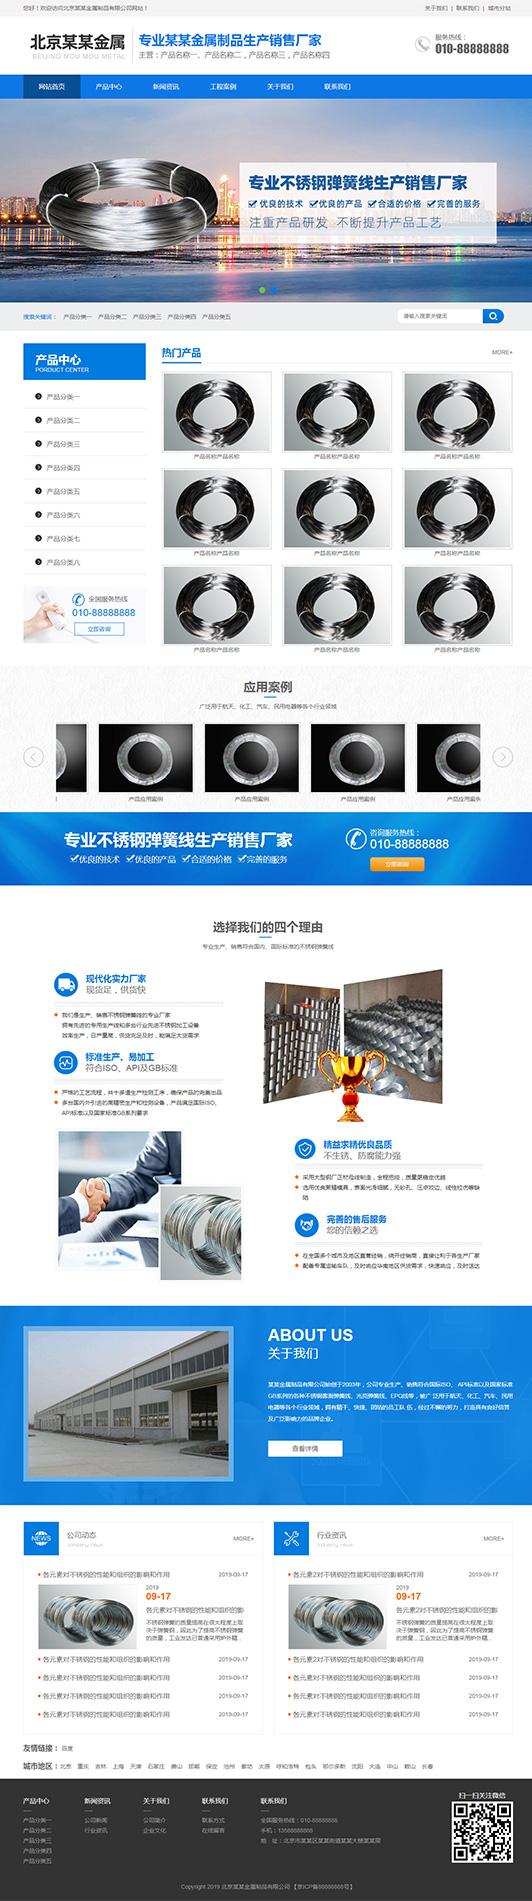 金属制造公司网站通用普通模板